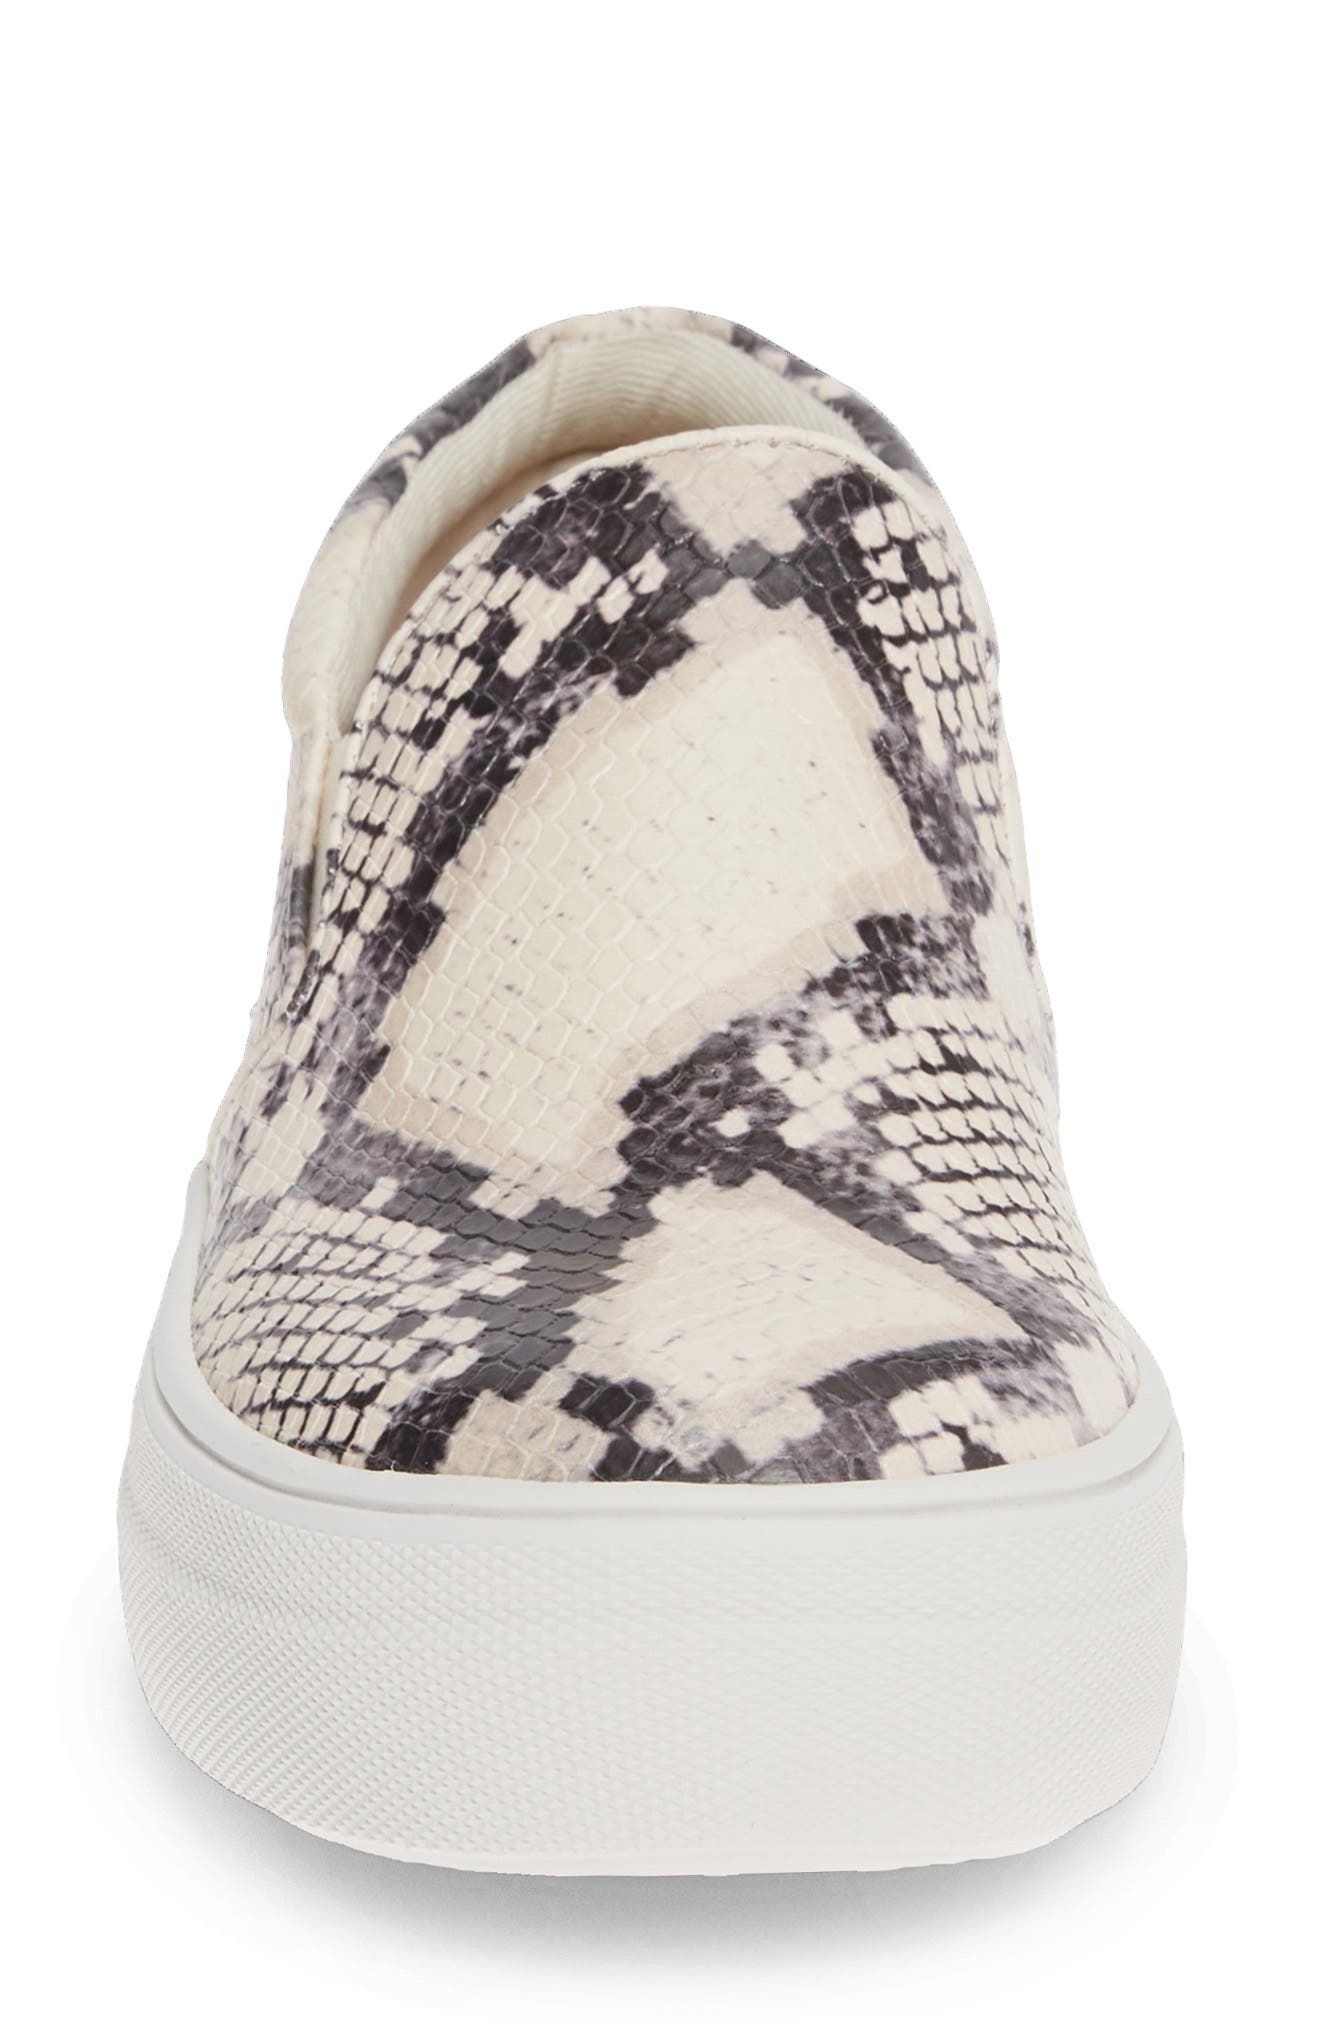 STEVE MADDEN, Gills Platform Slip-On Sneaker, Alternate thumbnail 4, color, BEIGE SNAKE PRINT